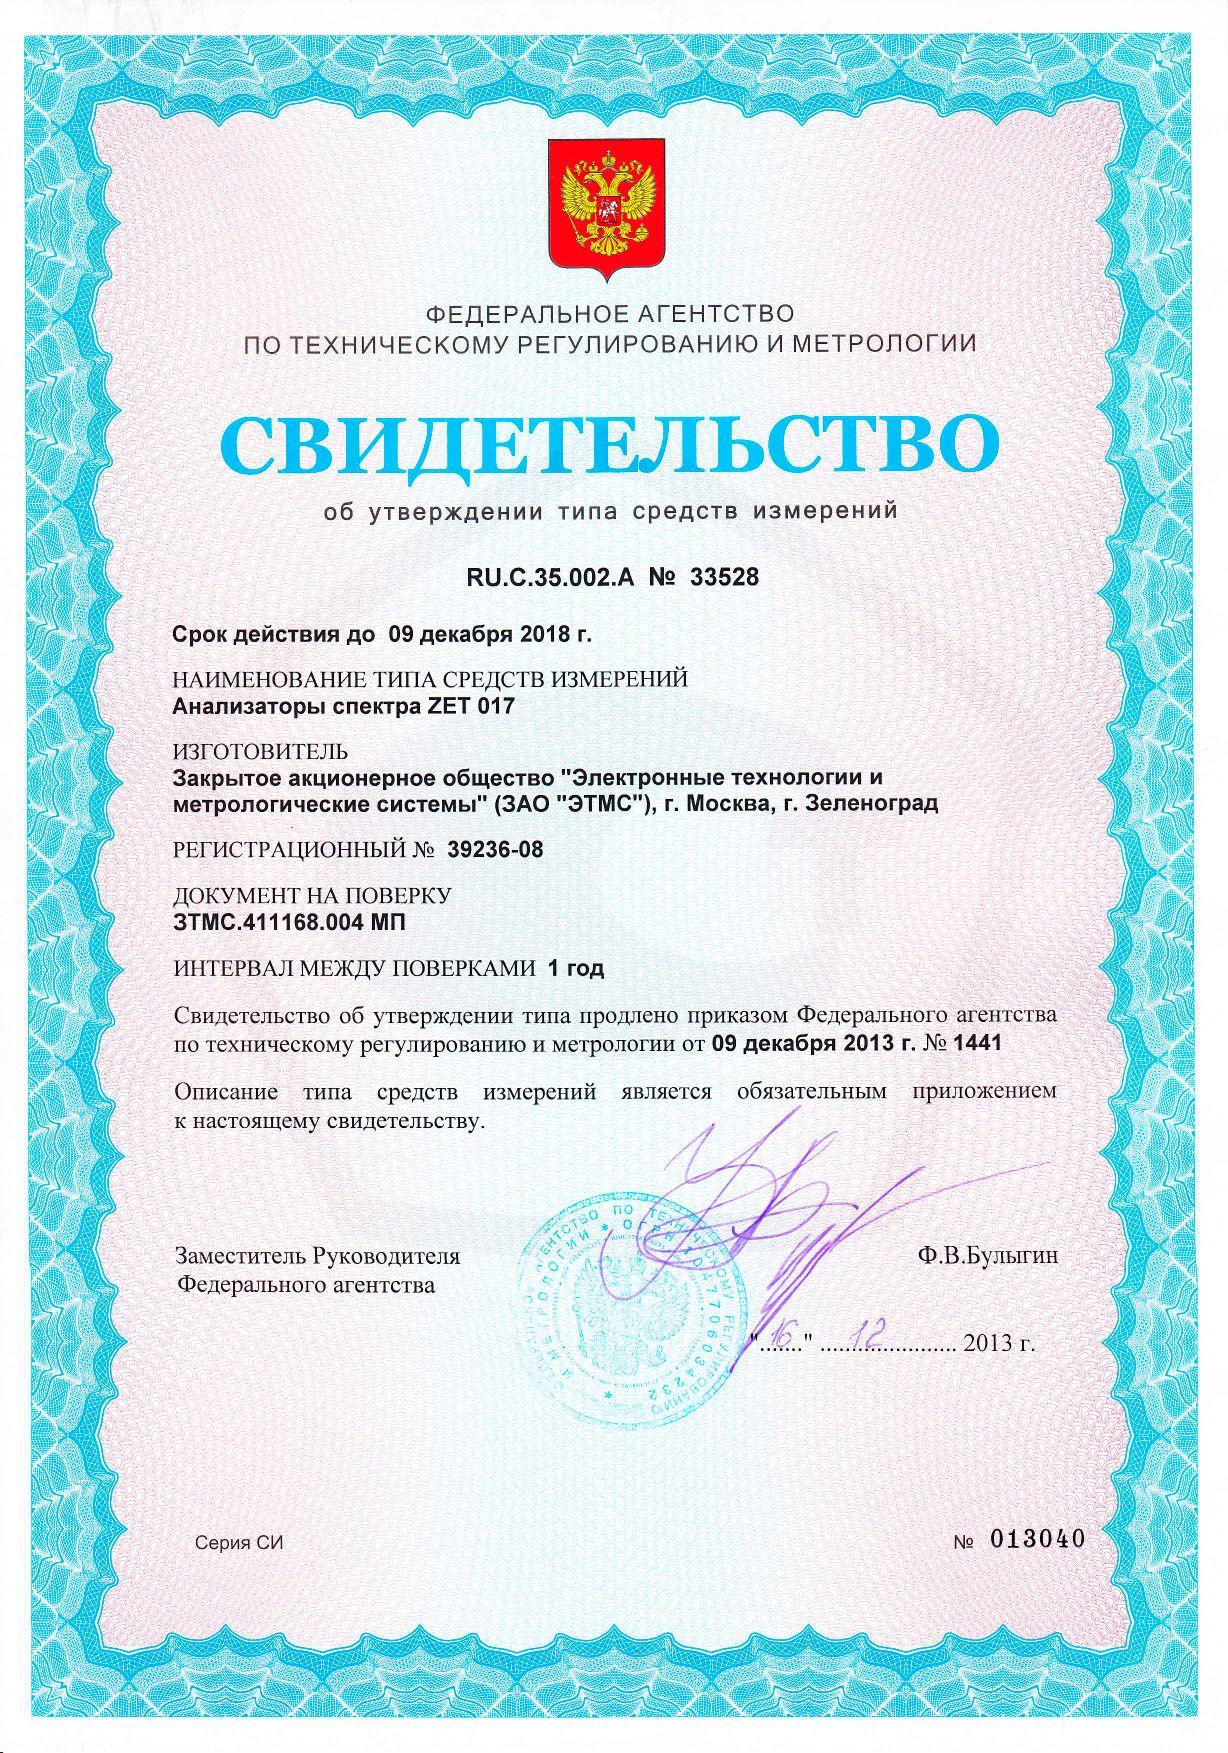 Свидетельство об утверждении типа средств измерений анализаторов спектра ZET 017